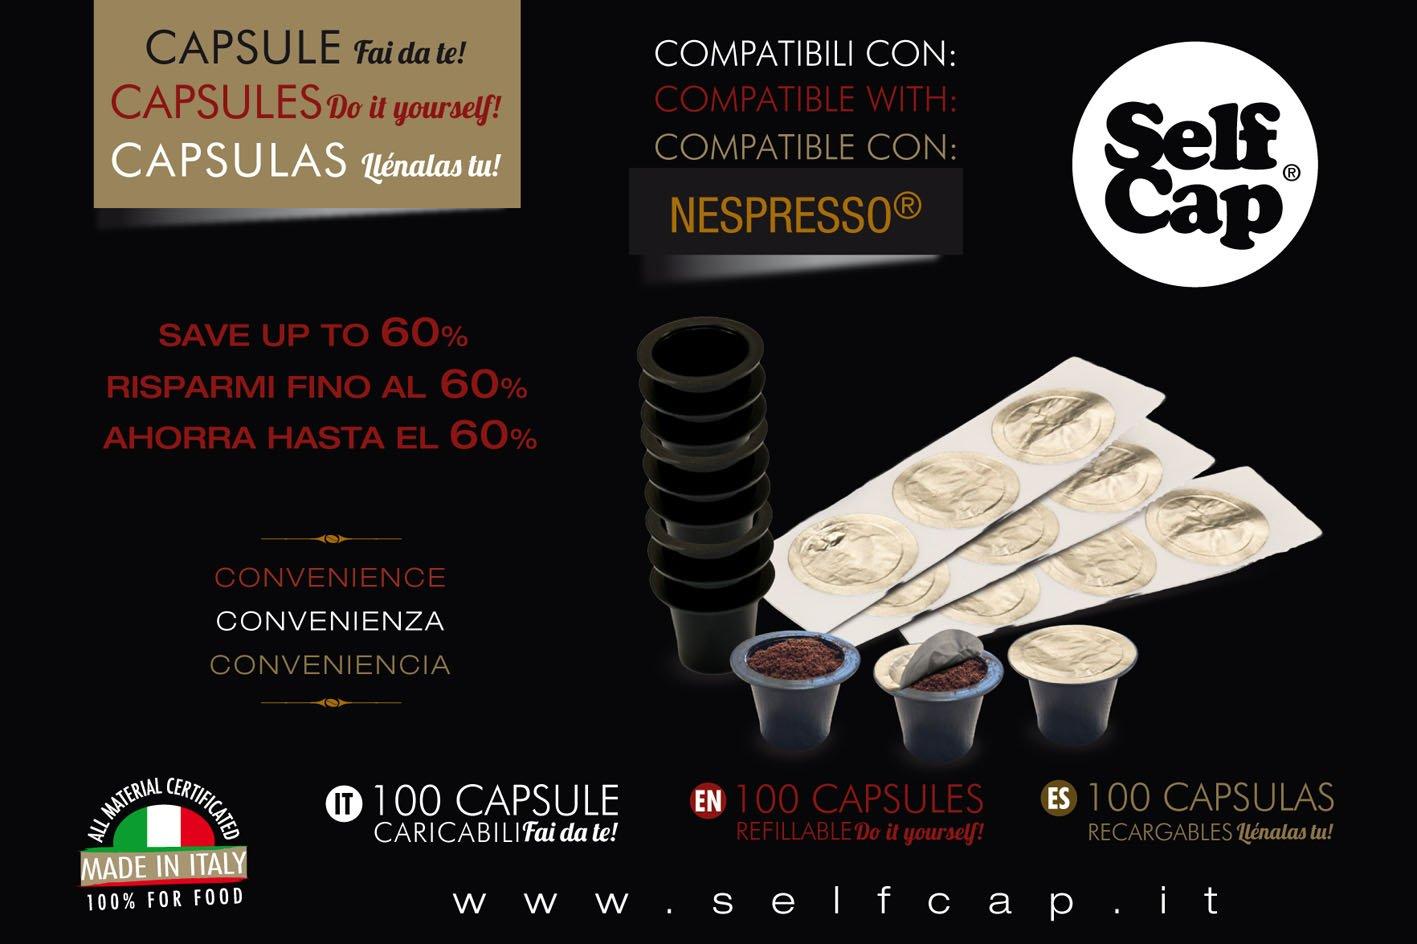 400 CAPSULE CARICABILI SELF CAP NESPRESSO